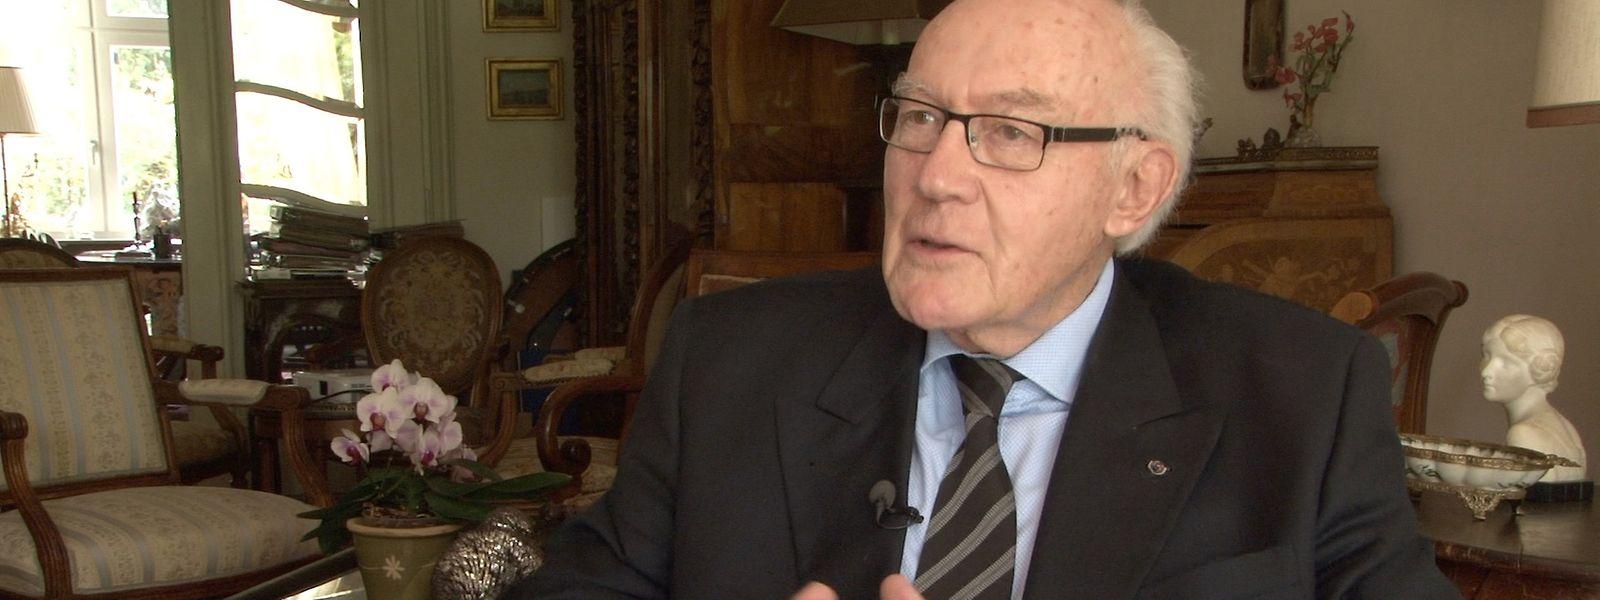 Der frühere Hofmarschall Guy De Muyser erinnert an die große Menschlichkeit von Großherzog Jean.